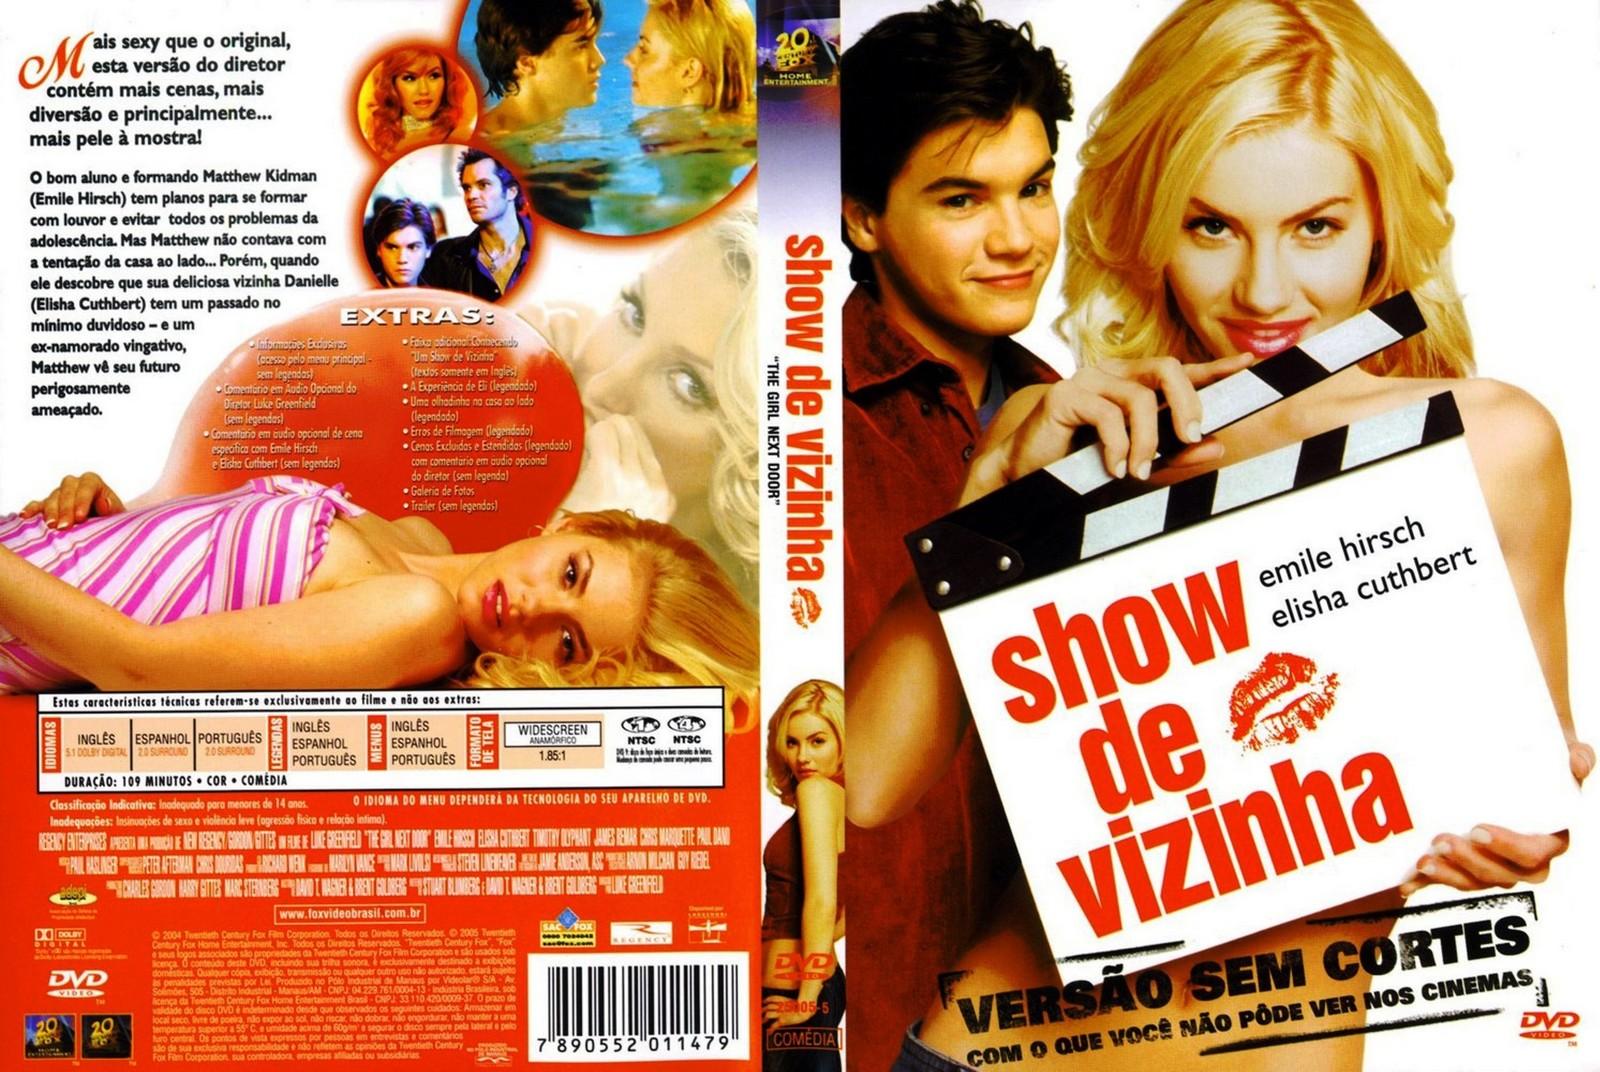 http://3.bp.blogspot.com/-B_YET6IwDQA/USZBNcXZZOI/AAAAAAAACTI/U_sCeP_rlPI/s1600/Show+De+Vizinha.jpg